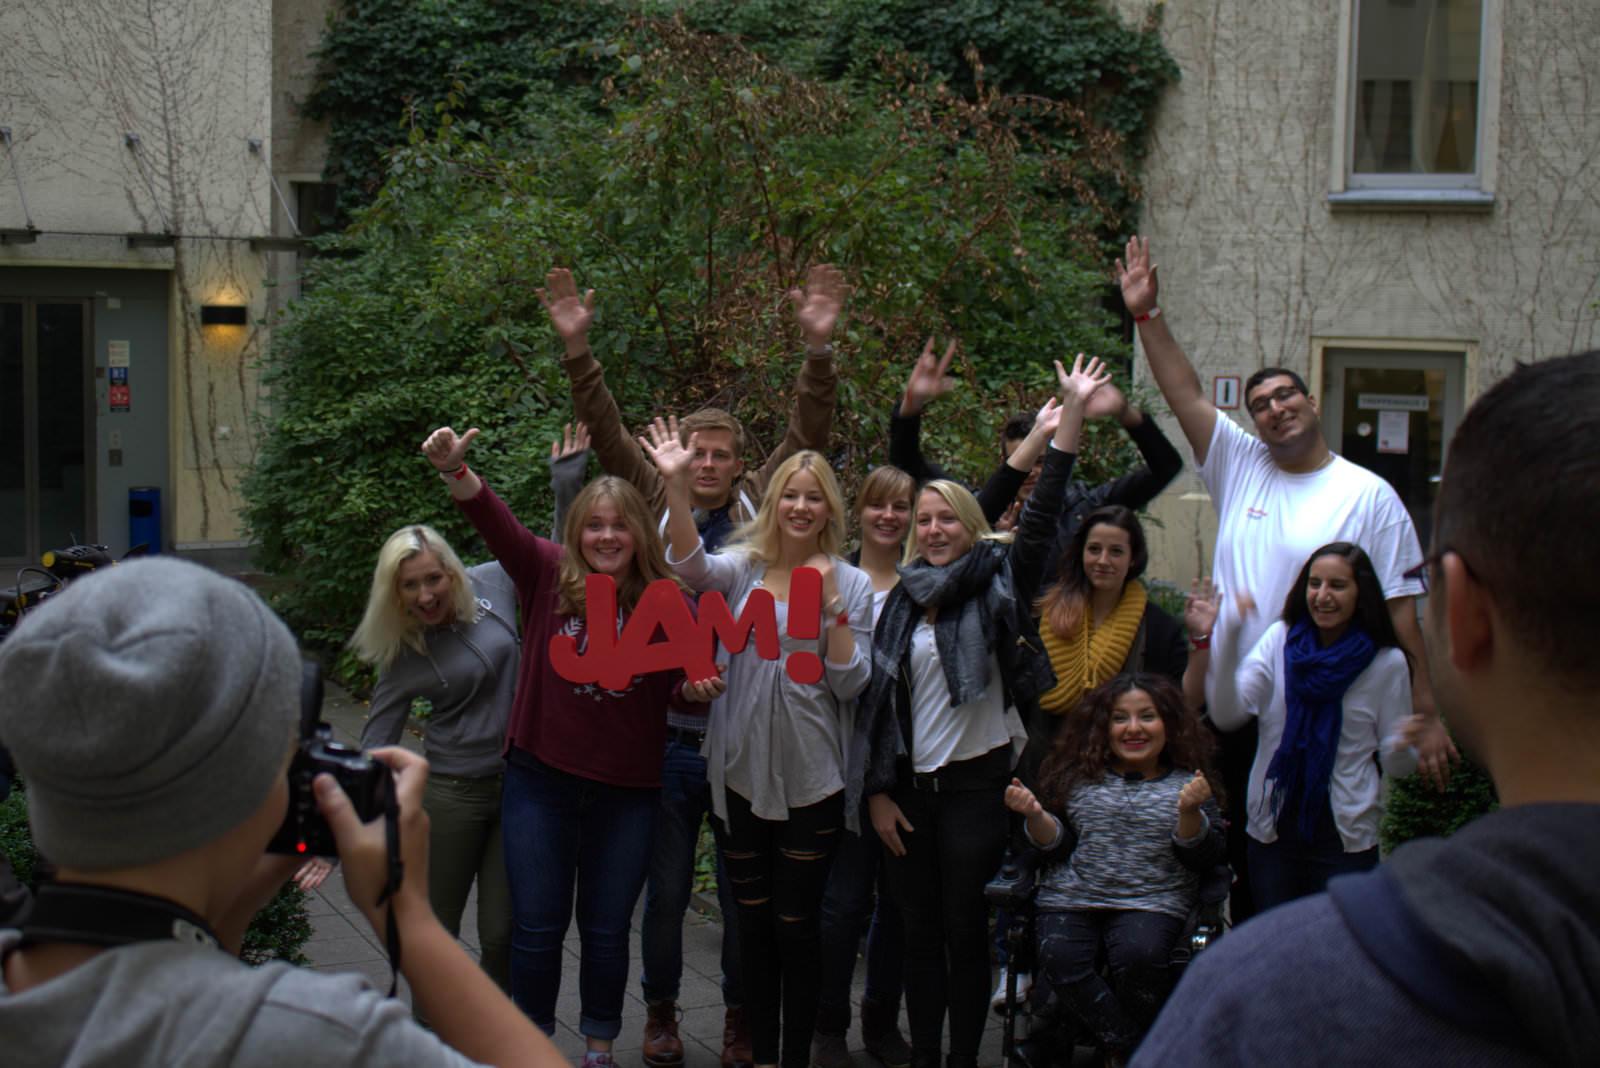 Eine Gruppe junger Menschen steht zusammen und steckt die Hände nach oben. Zwei junge Frauen im Vordergrund halten das JAM Logo.